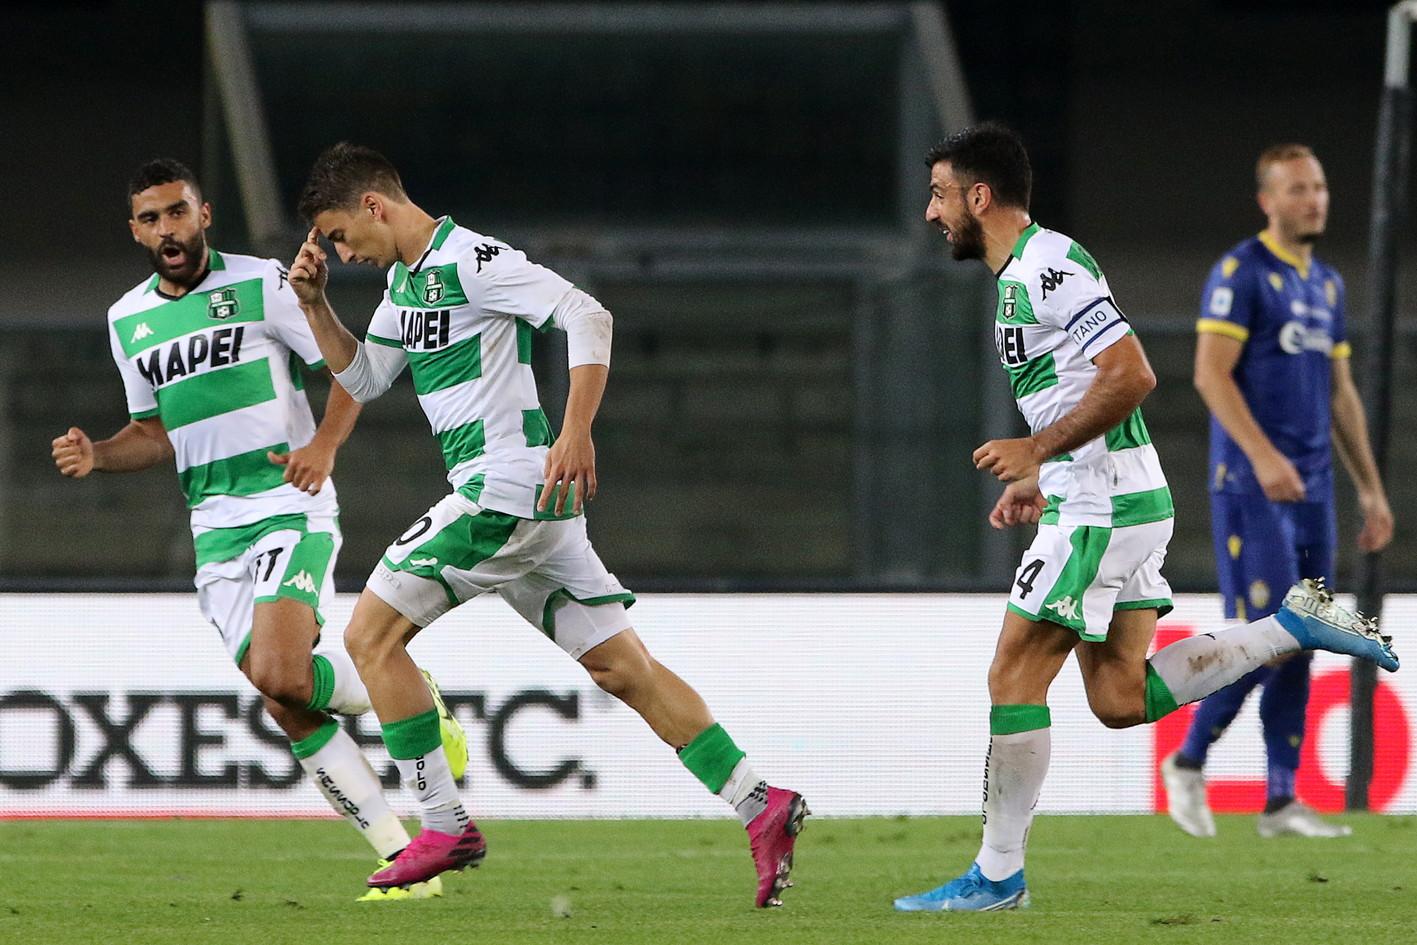 Le immagini più belle del primo anticipo della 9ª giornata di Serie A